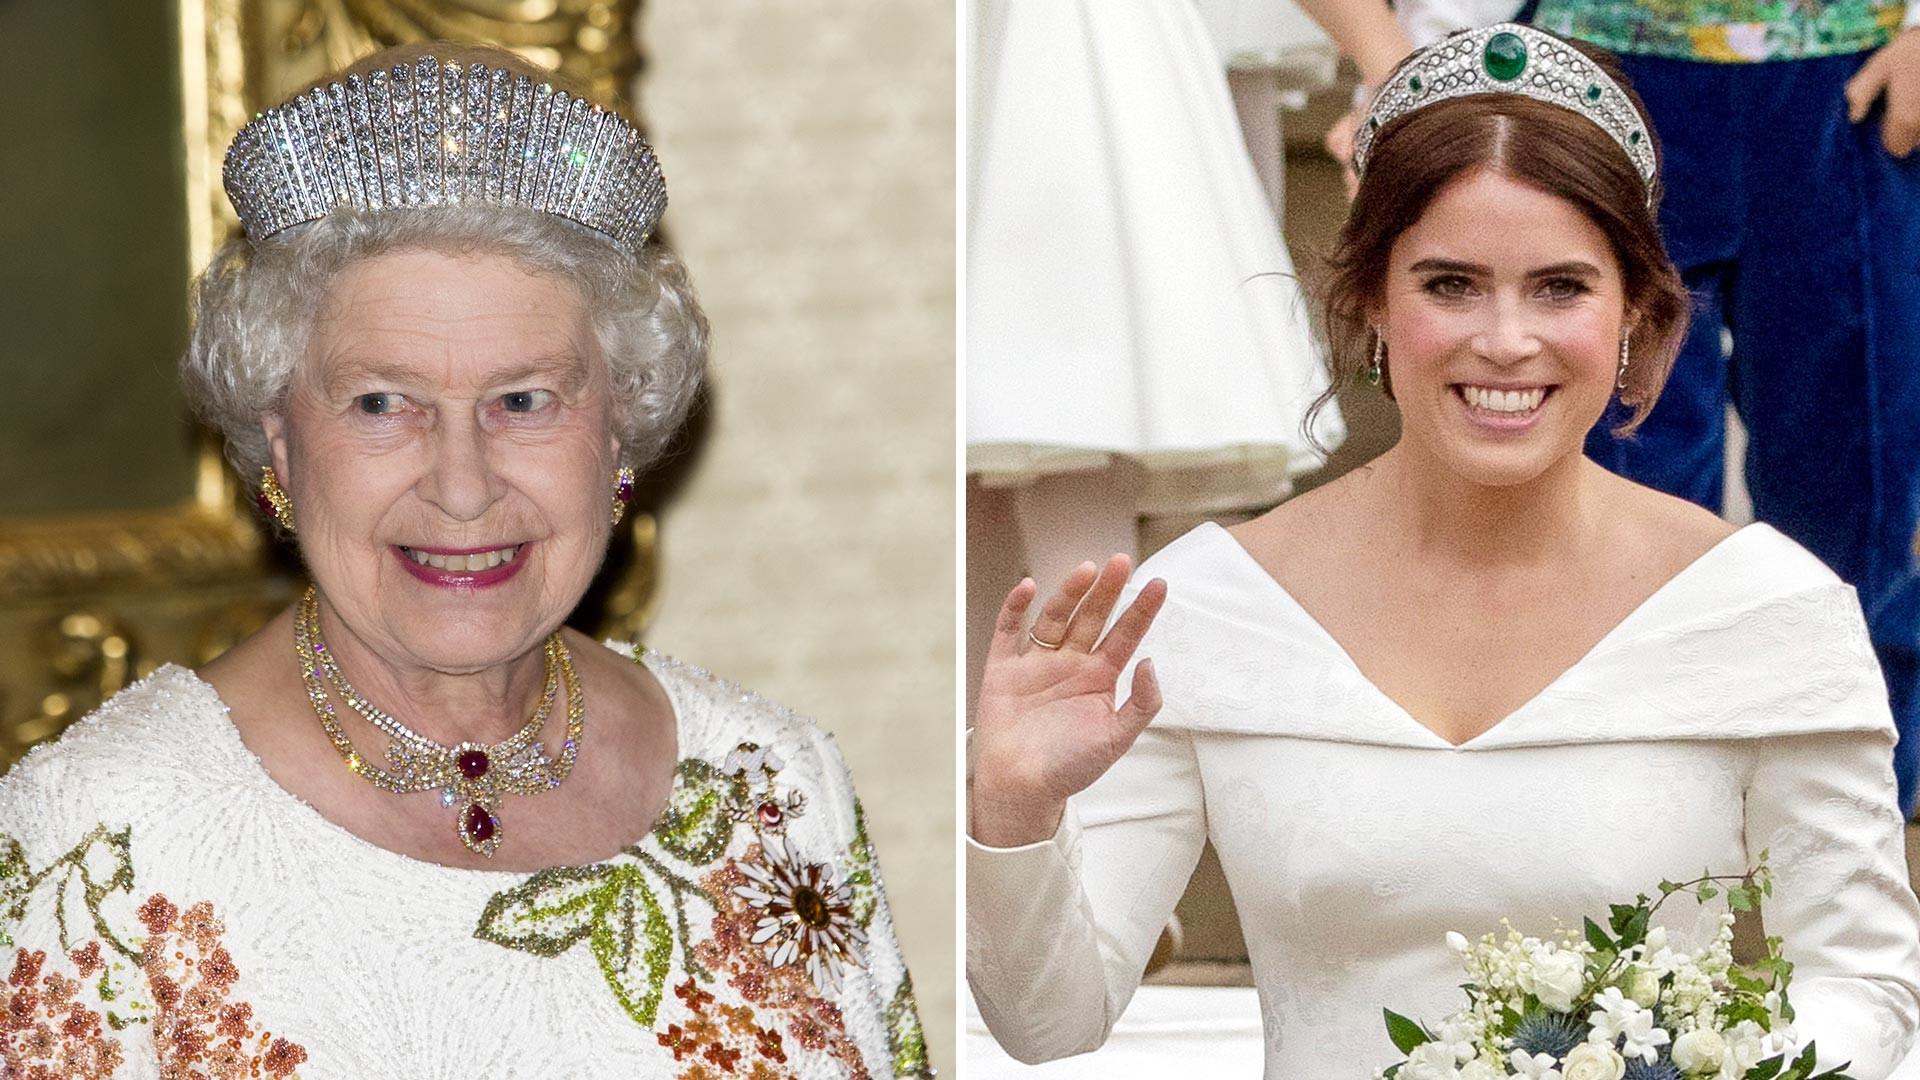 Kunjungan kenegaraan Ratu Elizabeth II ke Turki pada 2008 (kiri) dan pernikahan Putri Eugenie dan Jack Brooksbank pada 2018.